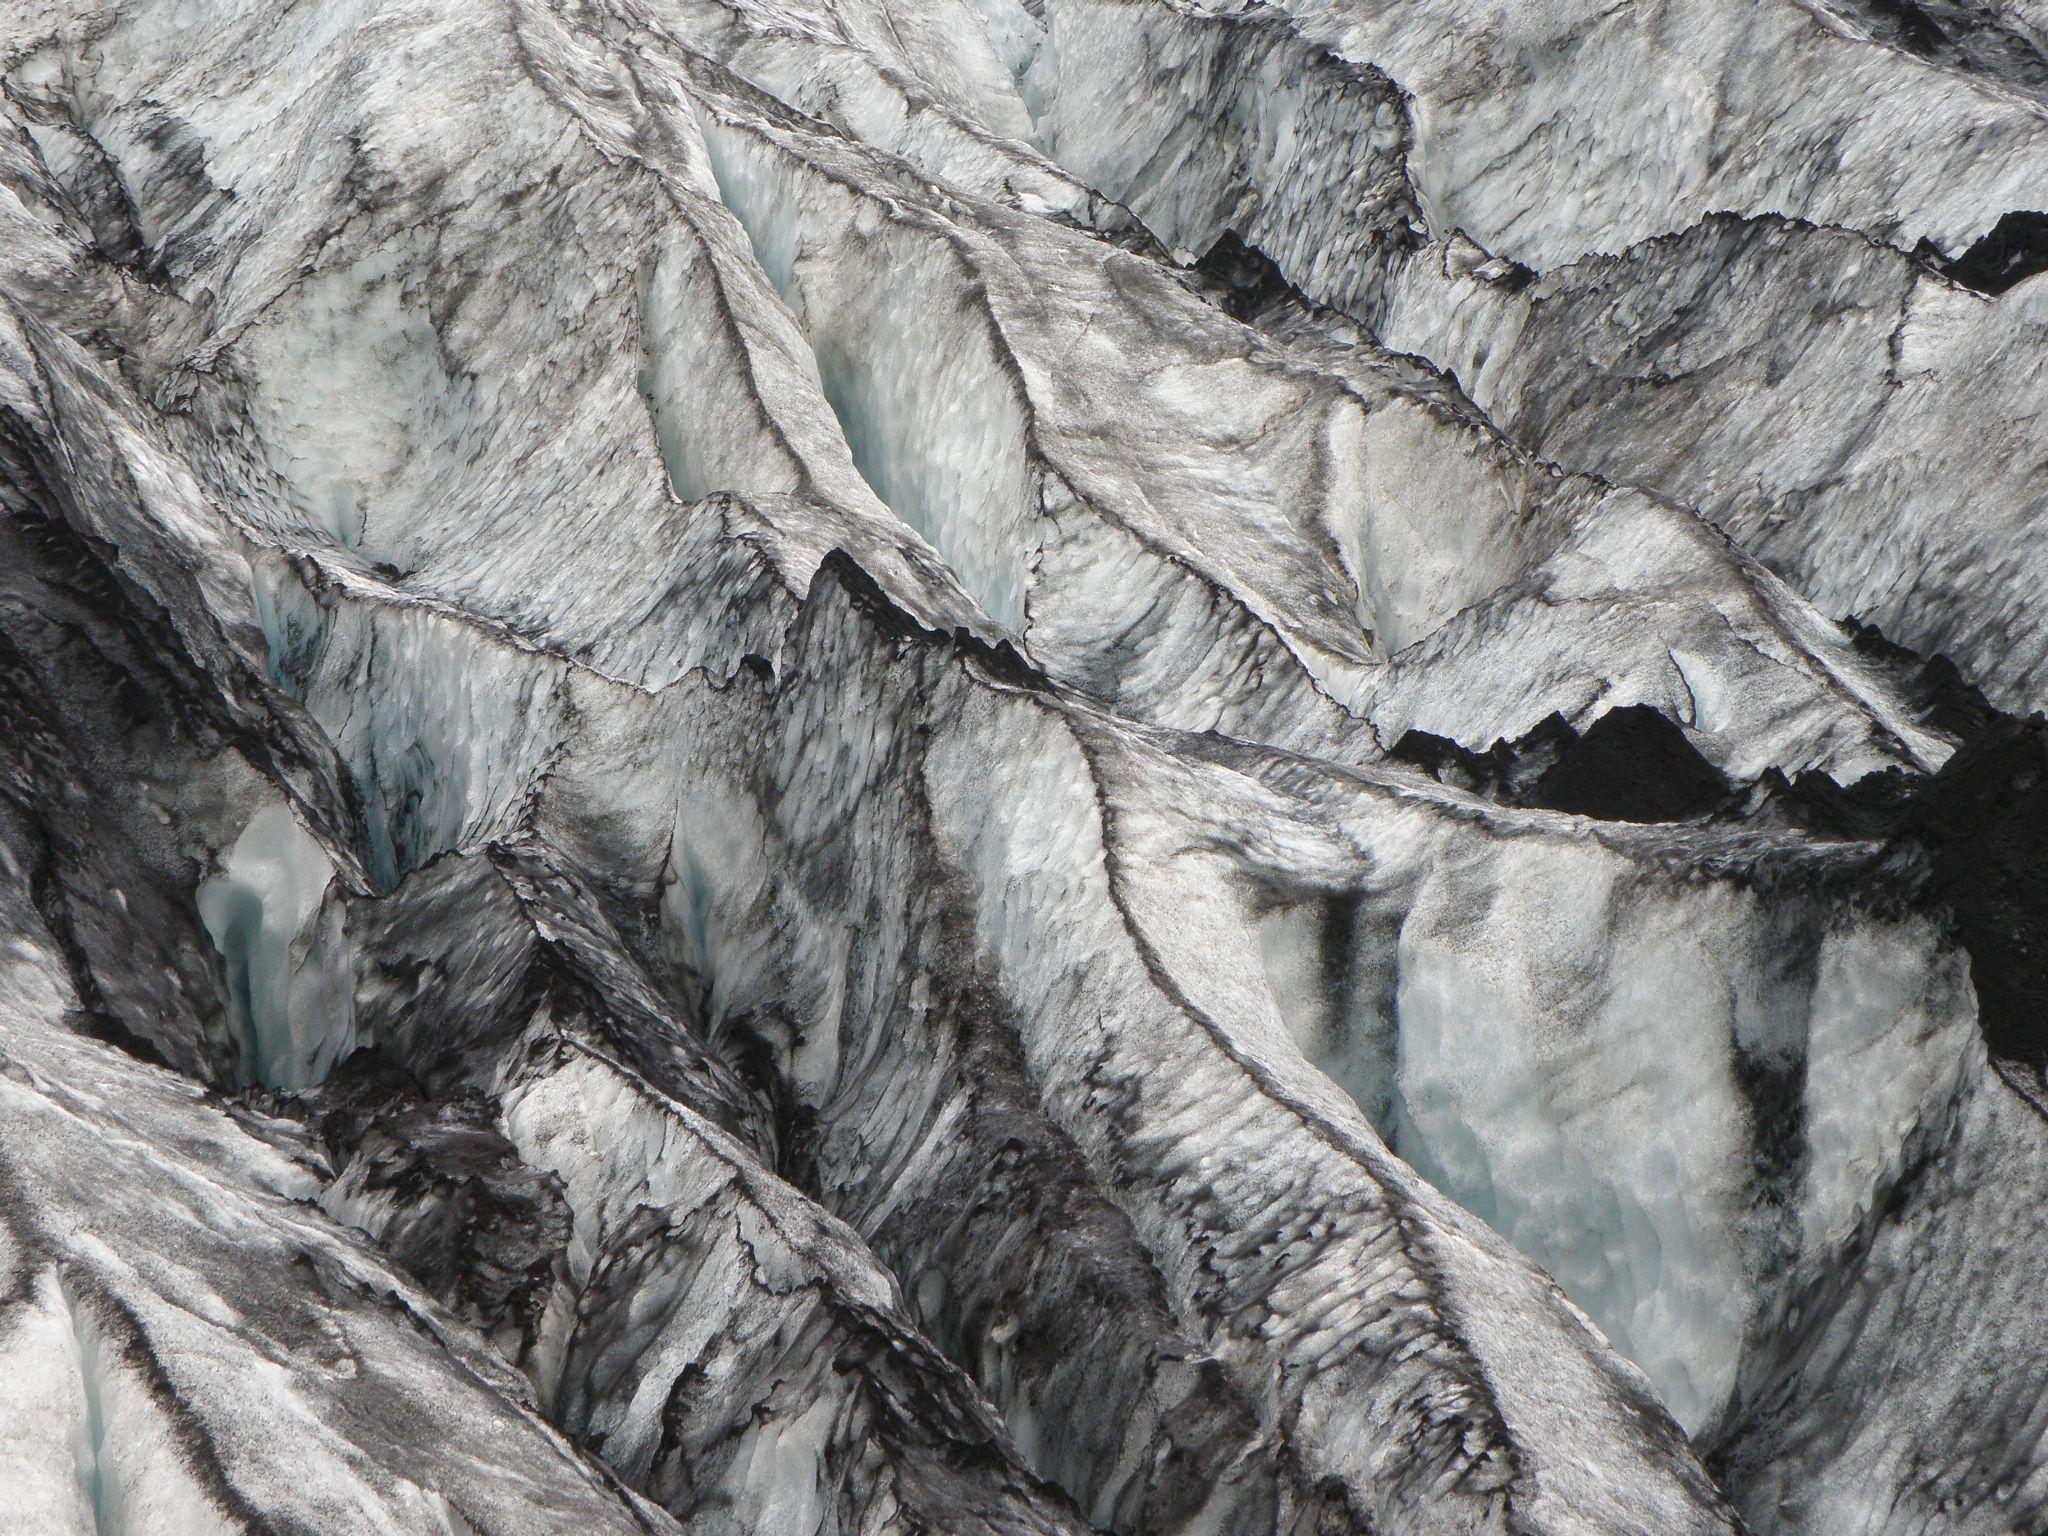 Sólheimajökull by Didda